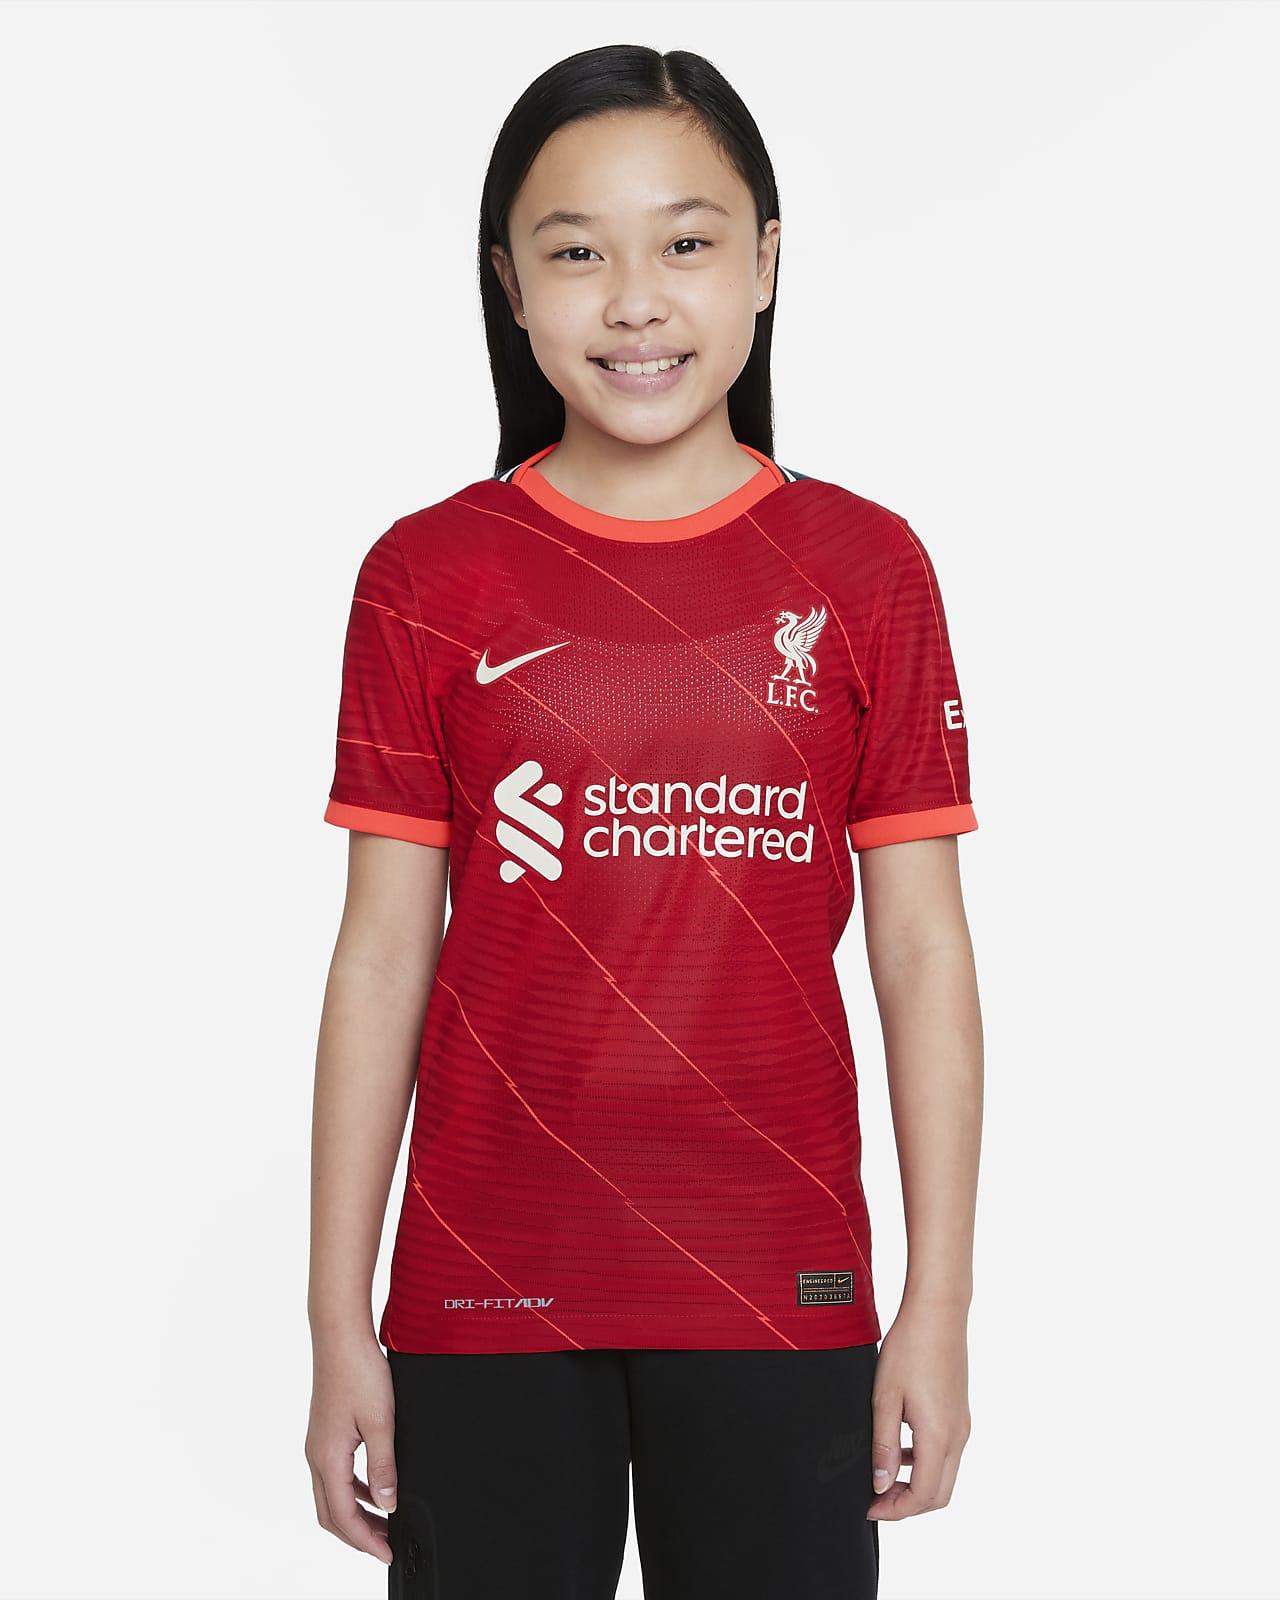 Ποδοσφαιρική φανέλα Nike Dri-FIT ADV εντός έδρας Λίβερπουλ 2021/22 Match για μεγάλα παιδιά